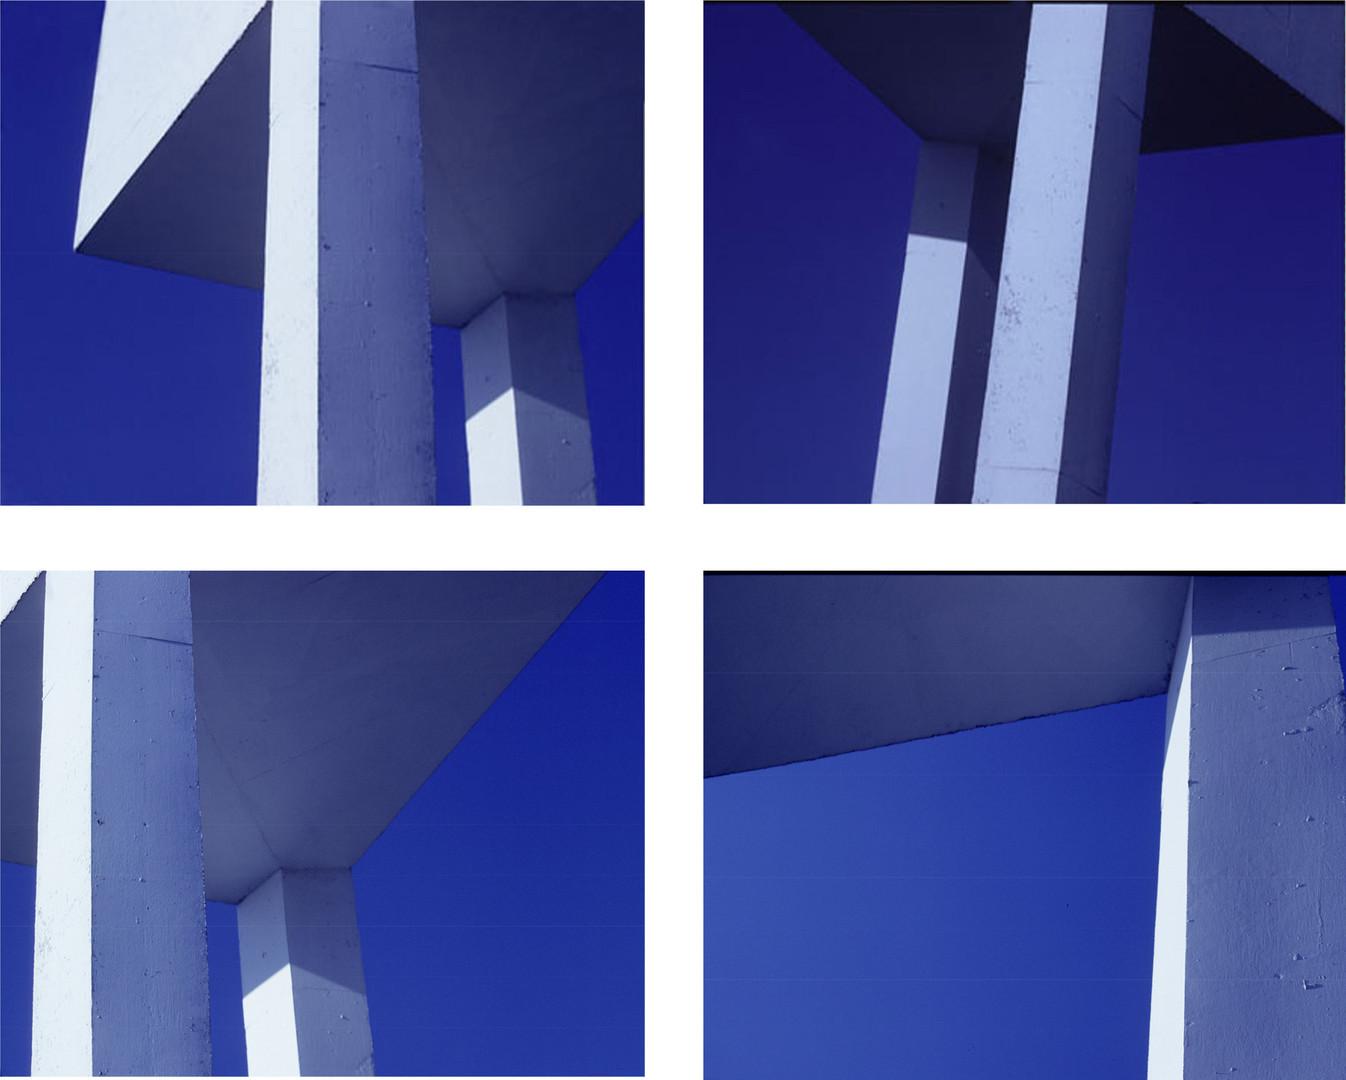 Efeitos geométricos (2005/2007)